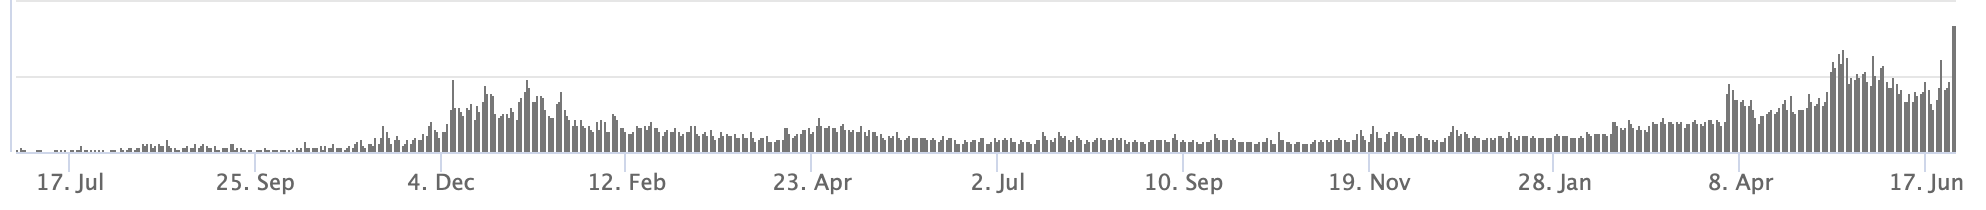 Bitcoin volume from 2017-present via CoinMarketCap